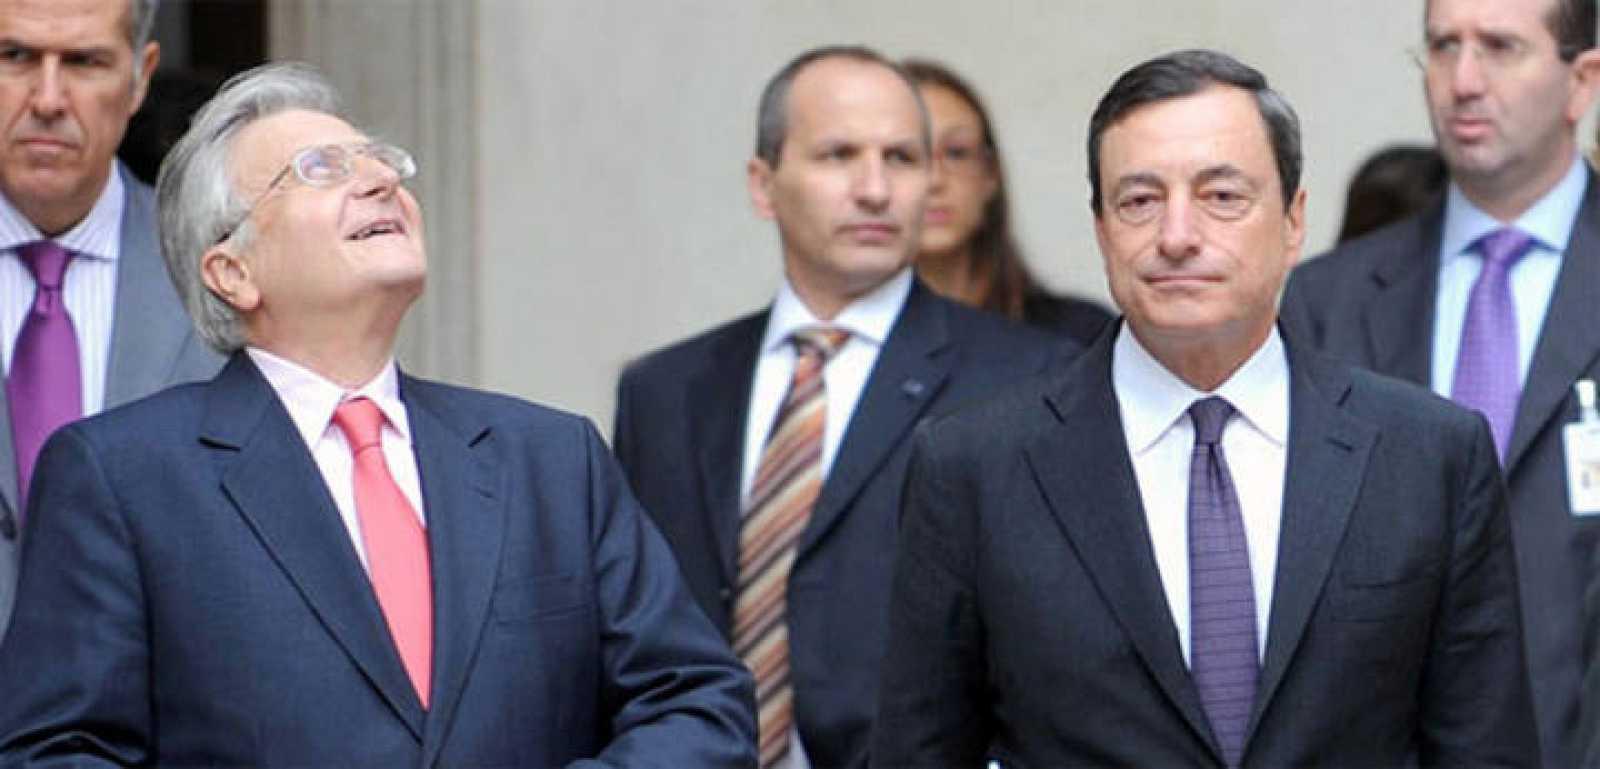 El gobernador del Banco de Italia, Mario Draghi, a la derecha, junto al presidente del banco Central Europeo, Jean Claude Trichet, en uno de los consejos directivos del organismo.